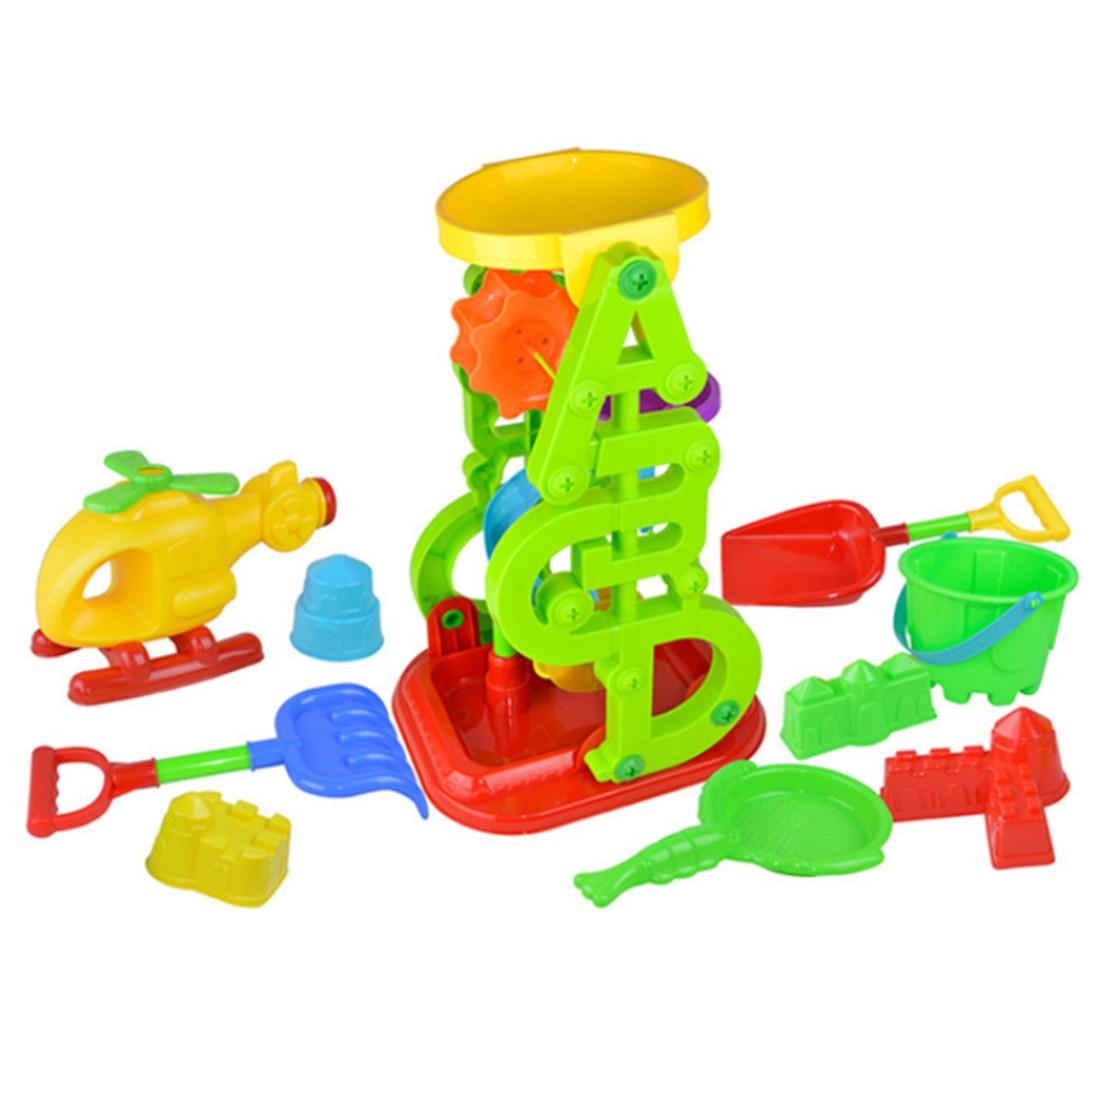 10 pièces plage sable plein air jouets pour enfants entonnoir hélicoptère jouet ensemble avec maille sac pour enfants-couleur aléatoire